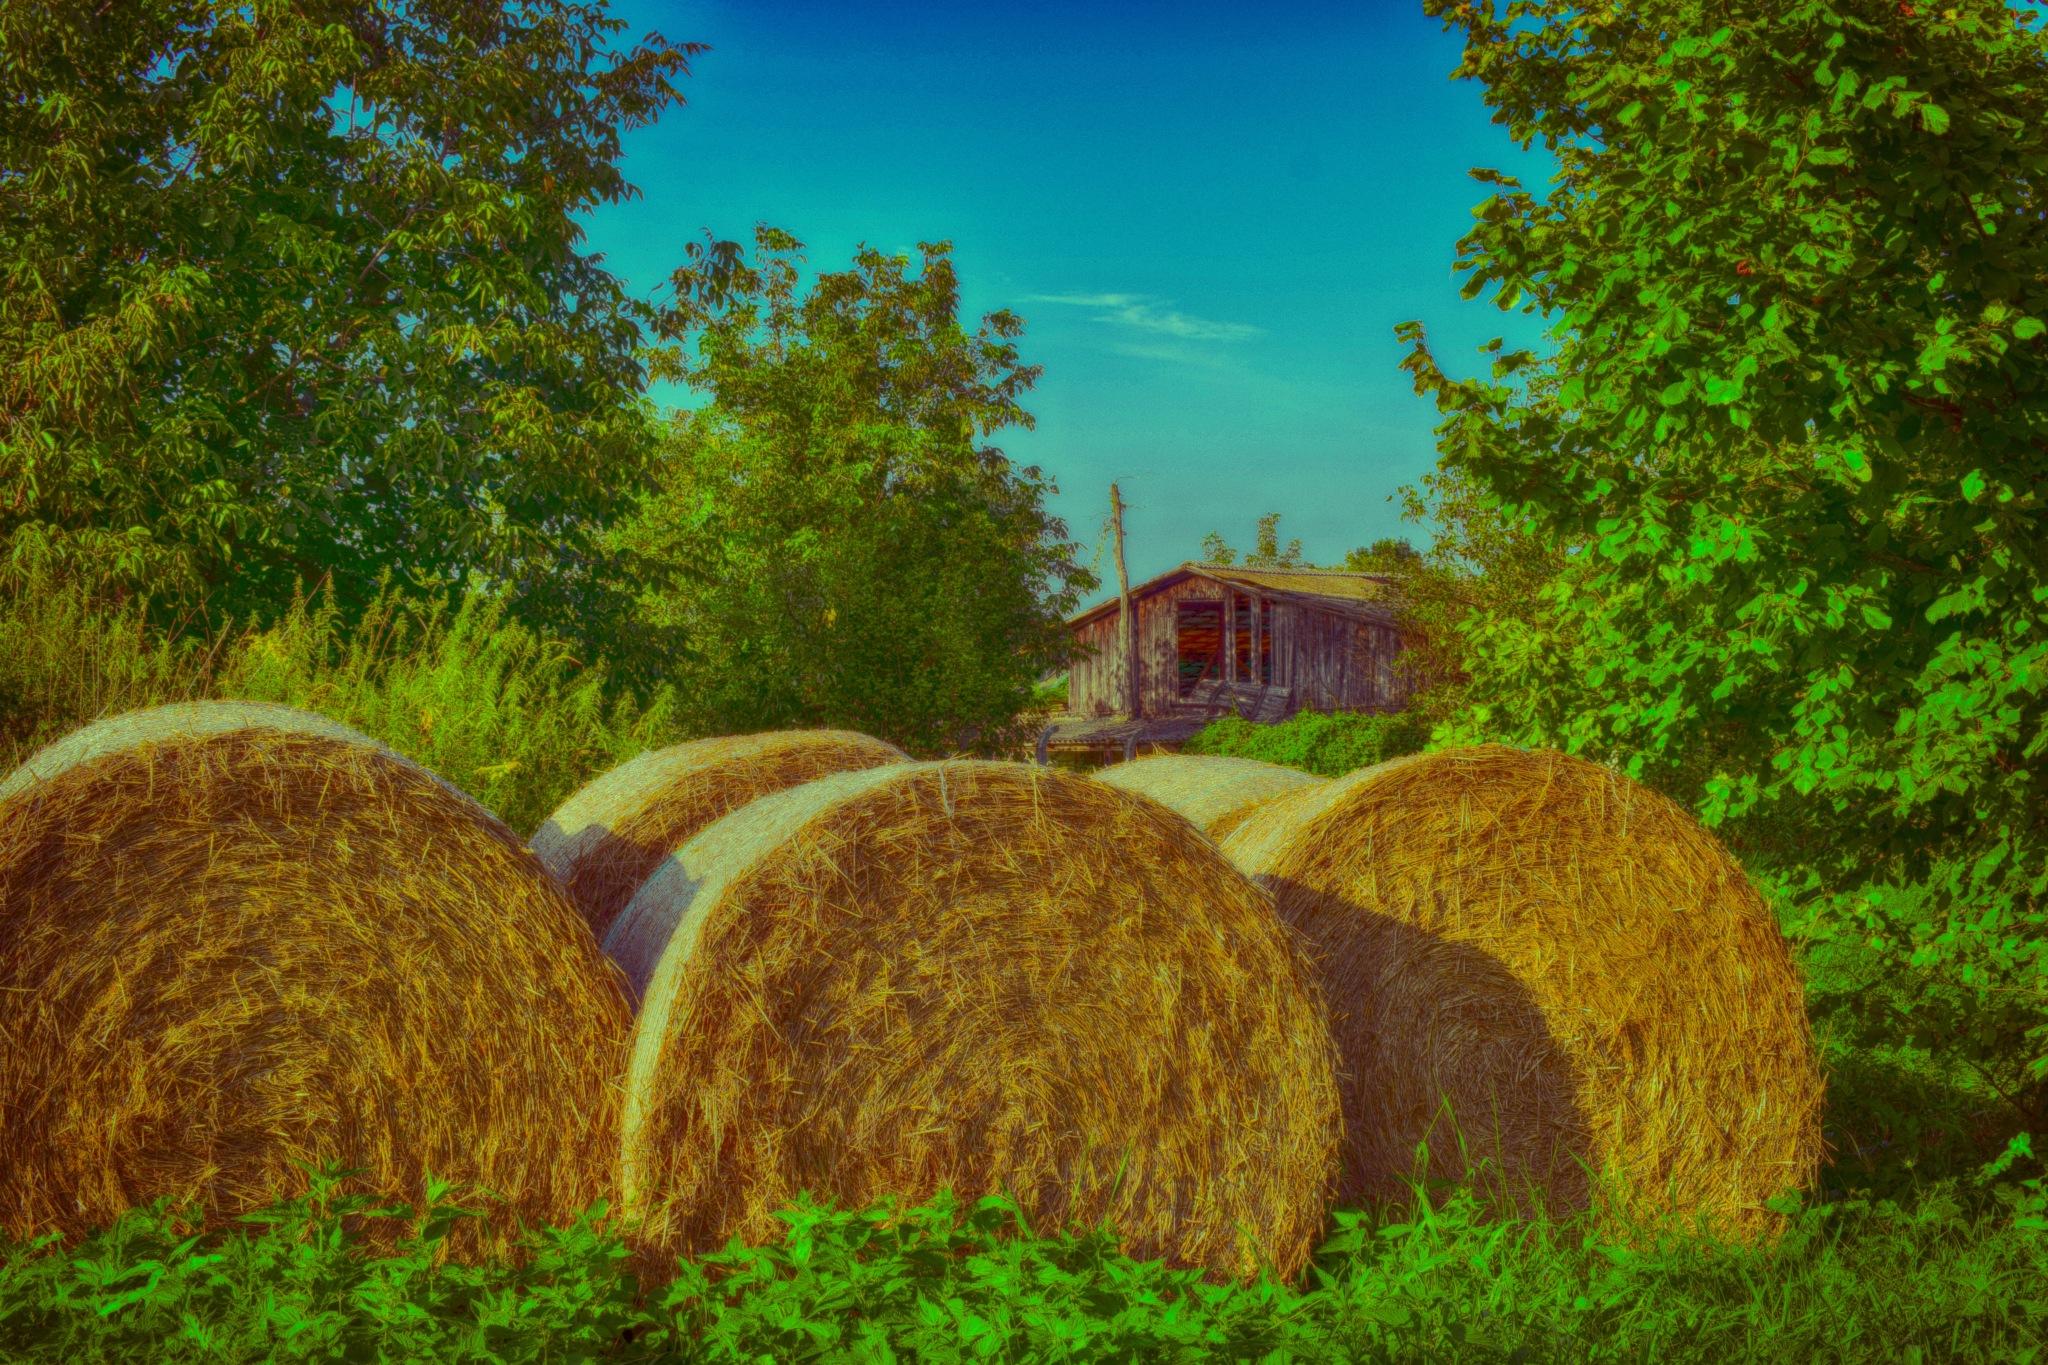 Harvest by Javorka